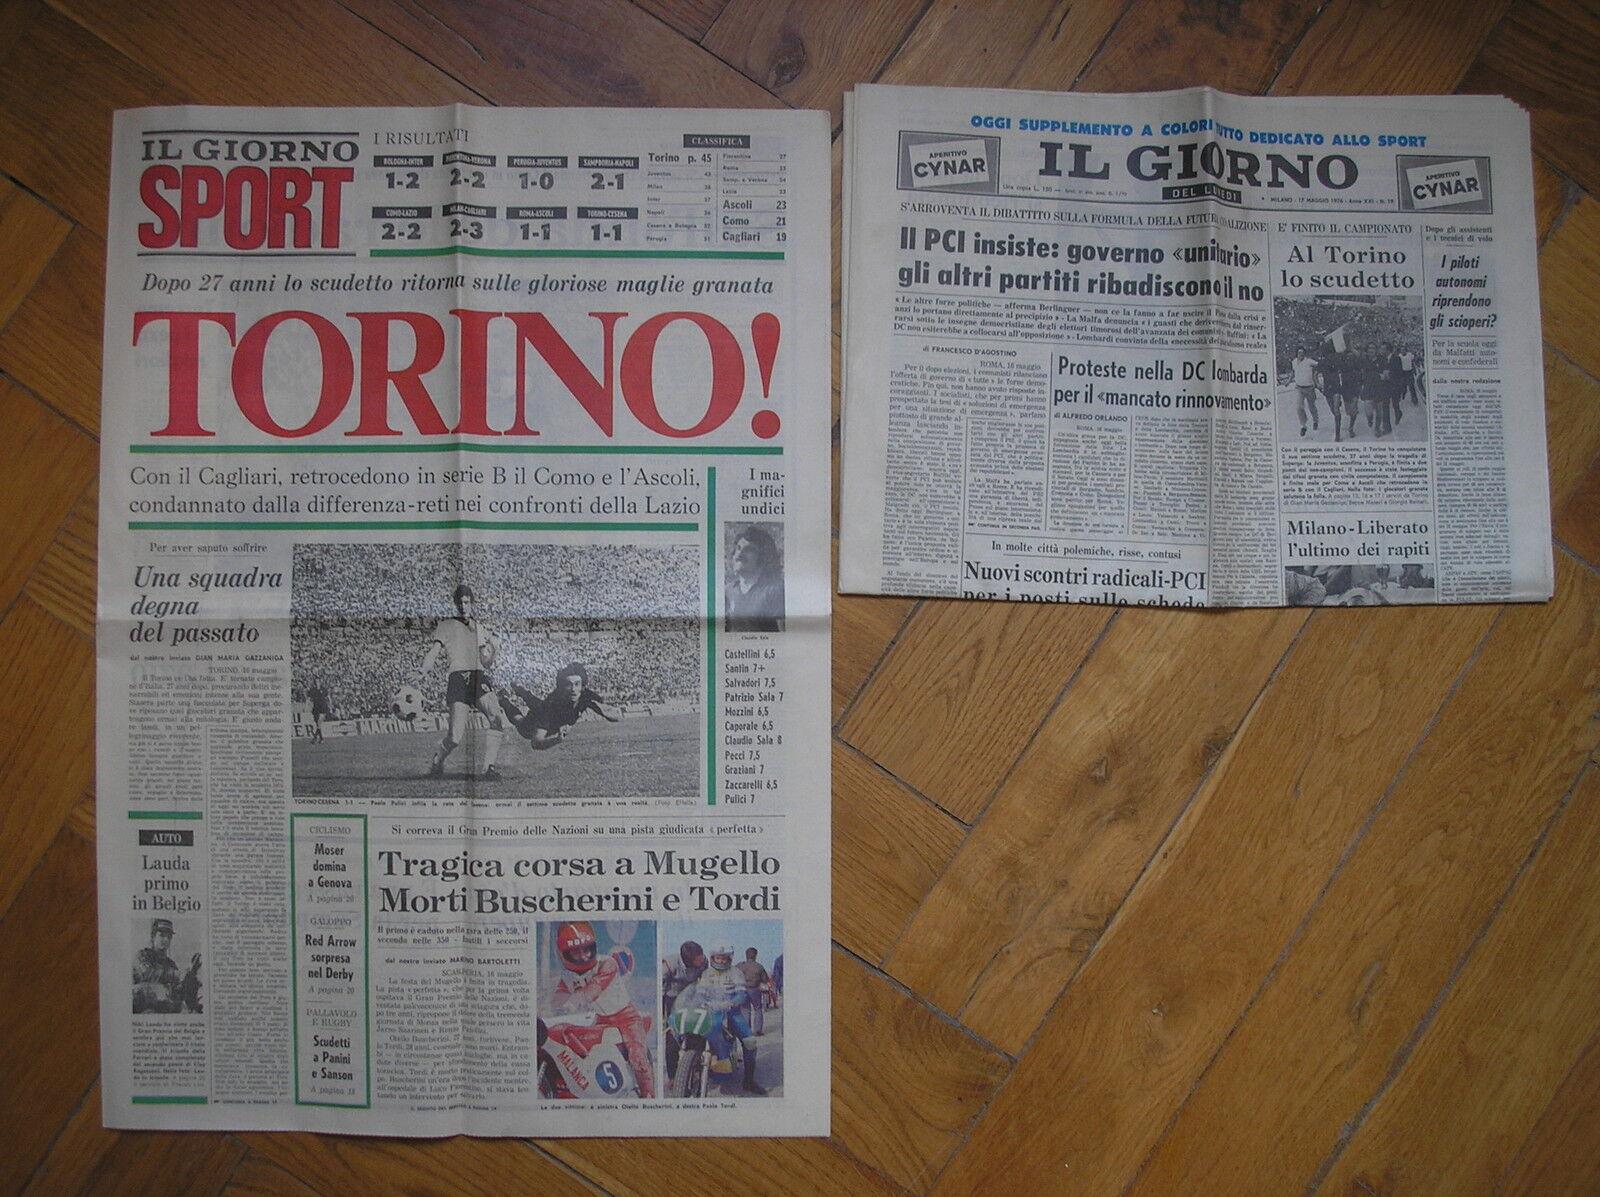 Toro EL TURÍN Y' MUESTRA DE ITALIA SCUDETTO EL DÍA + GIORNO SPORT 17 5 1976